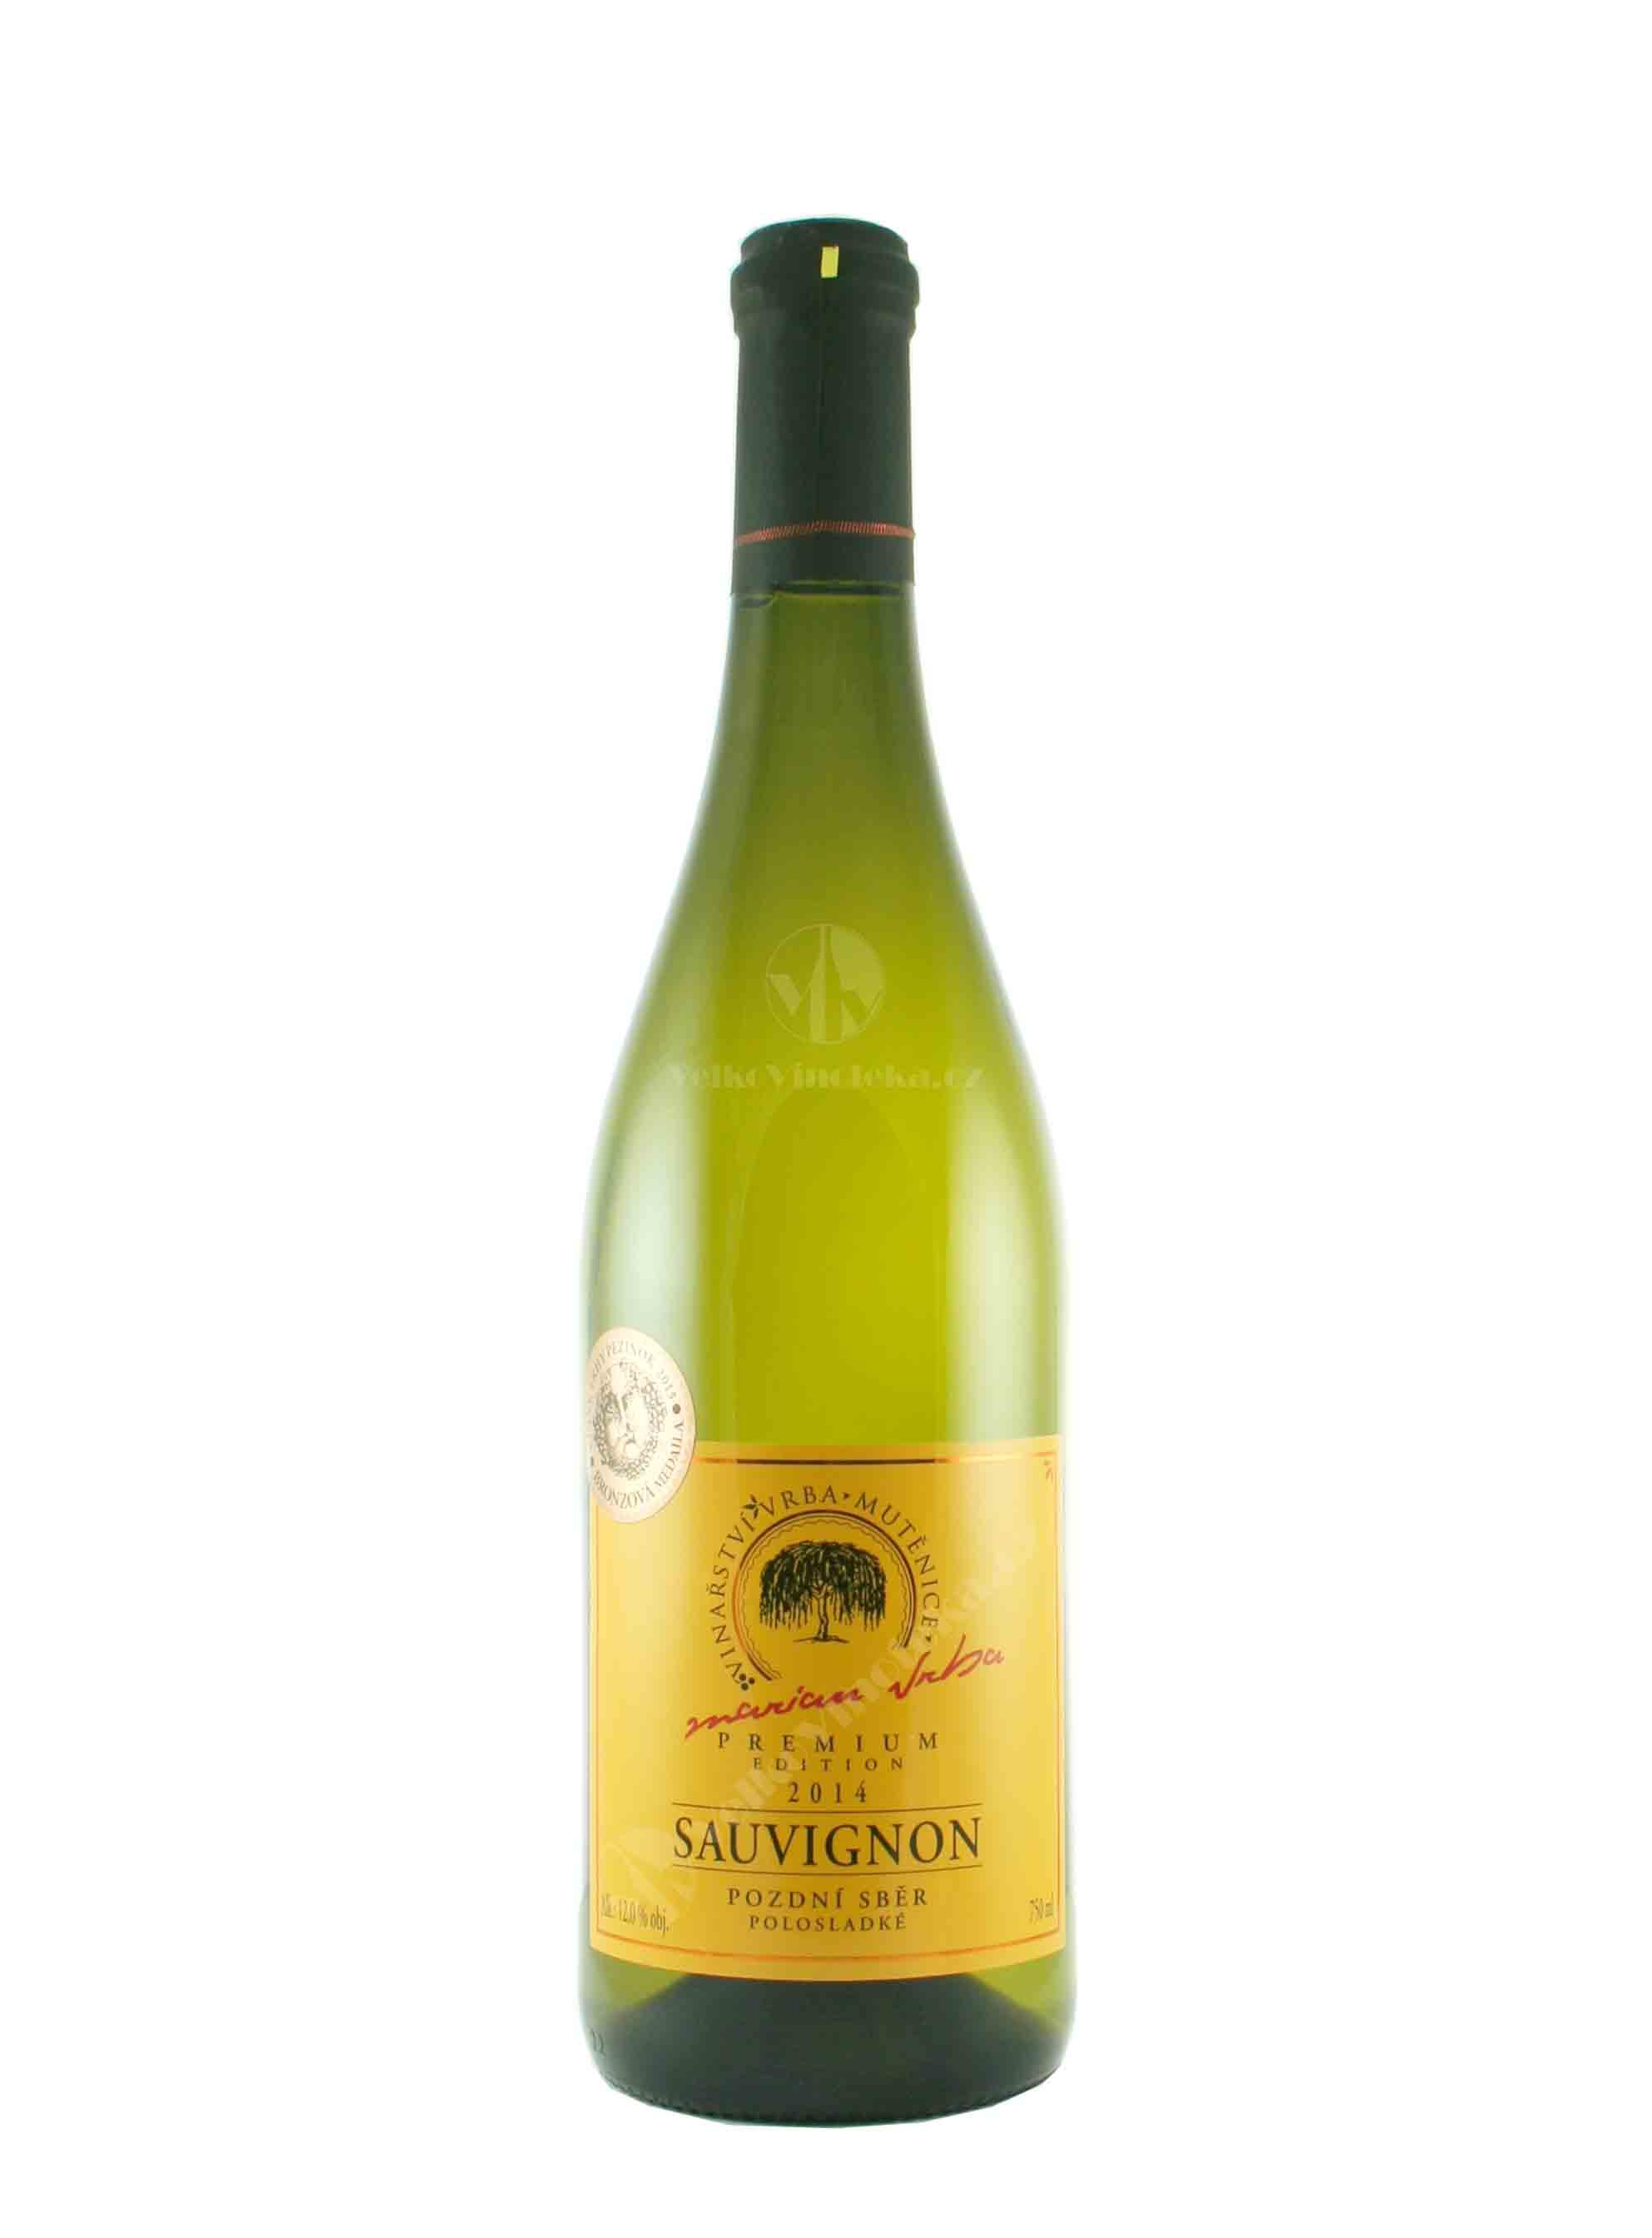 Sauvignon, Premium, Pozdní sběr, 2014, Vinařství Vrba, 0.75 l